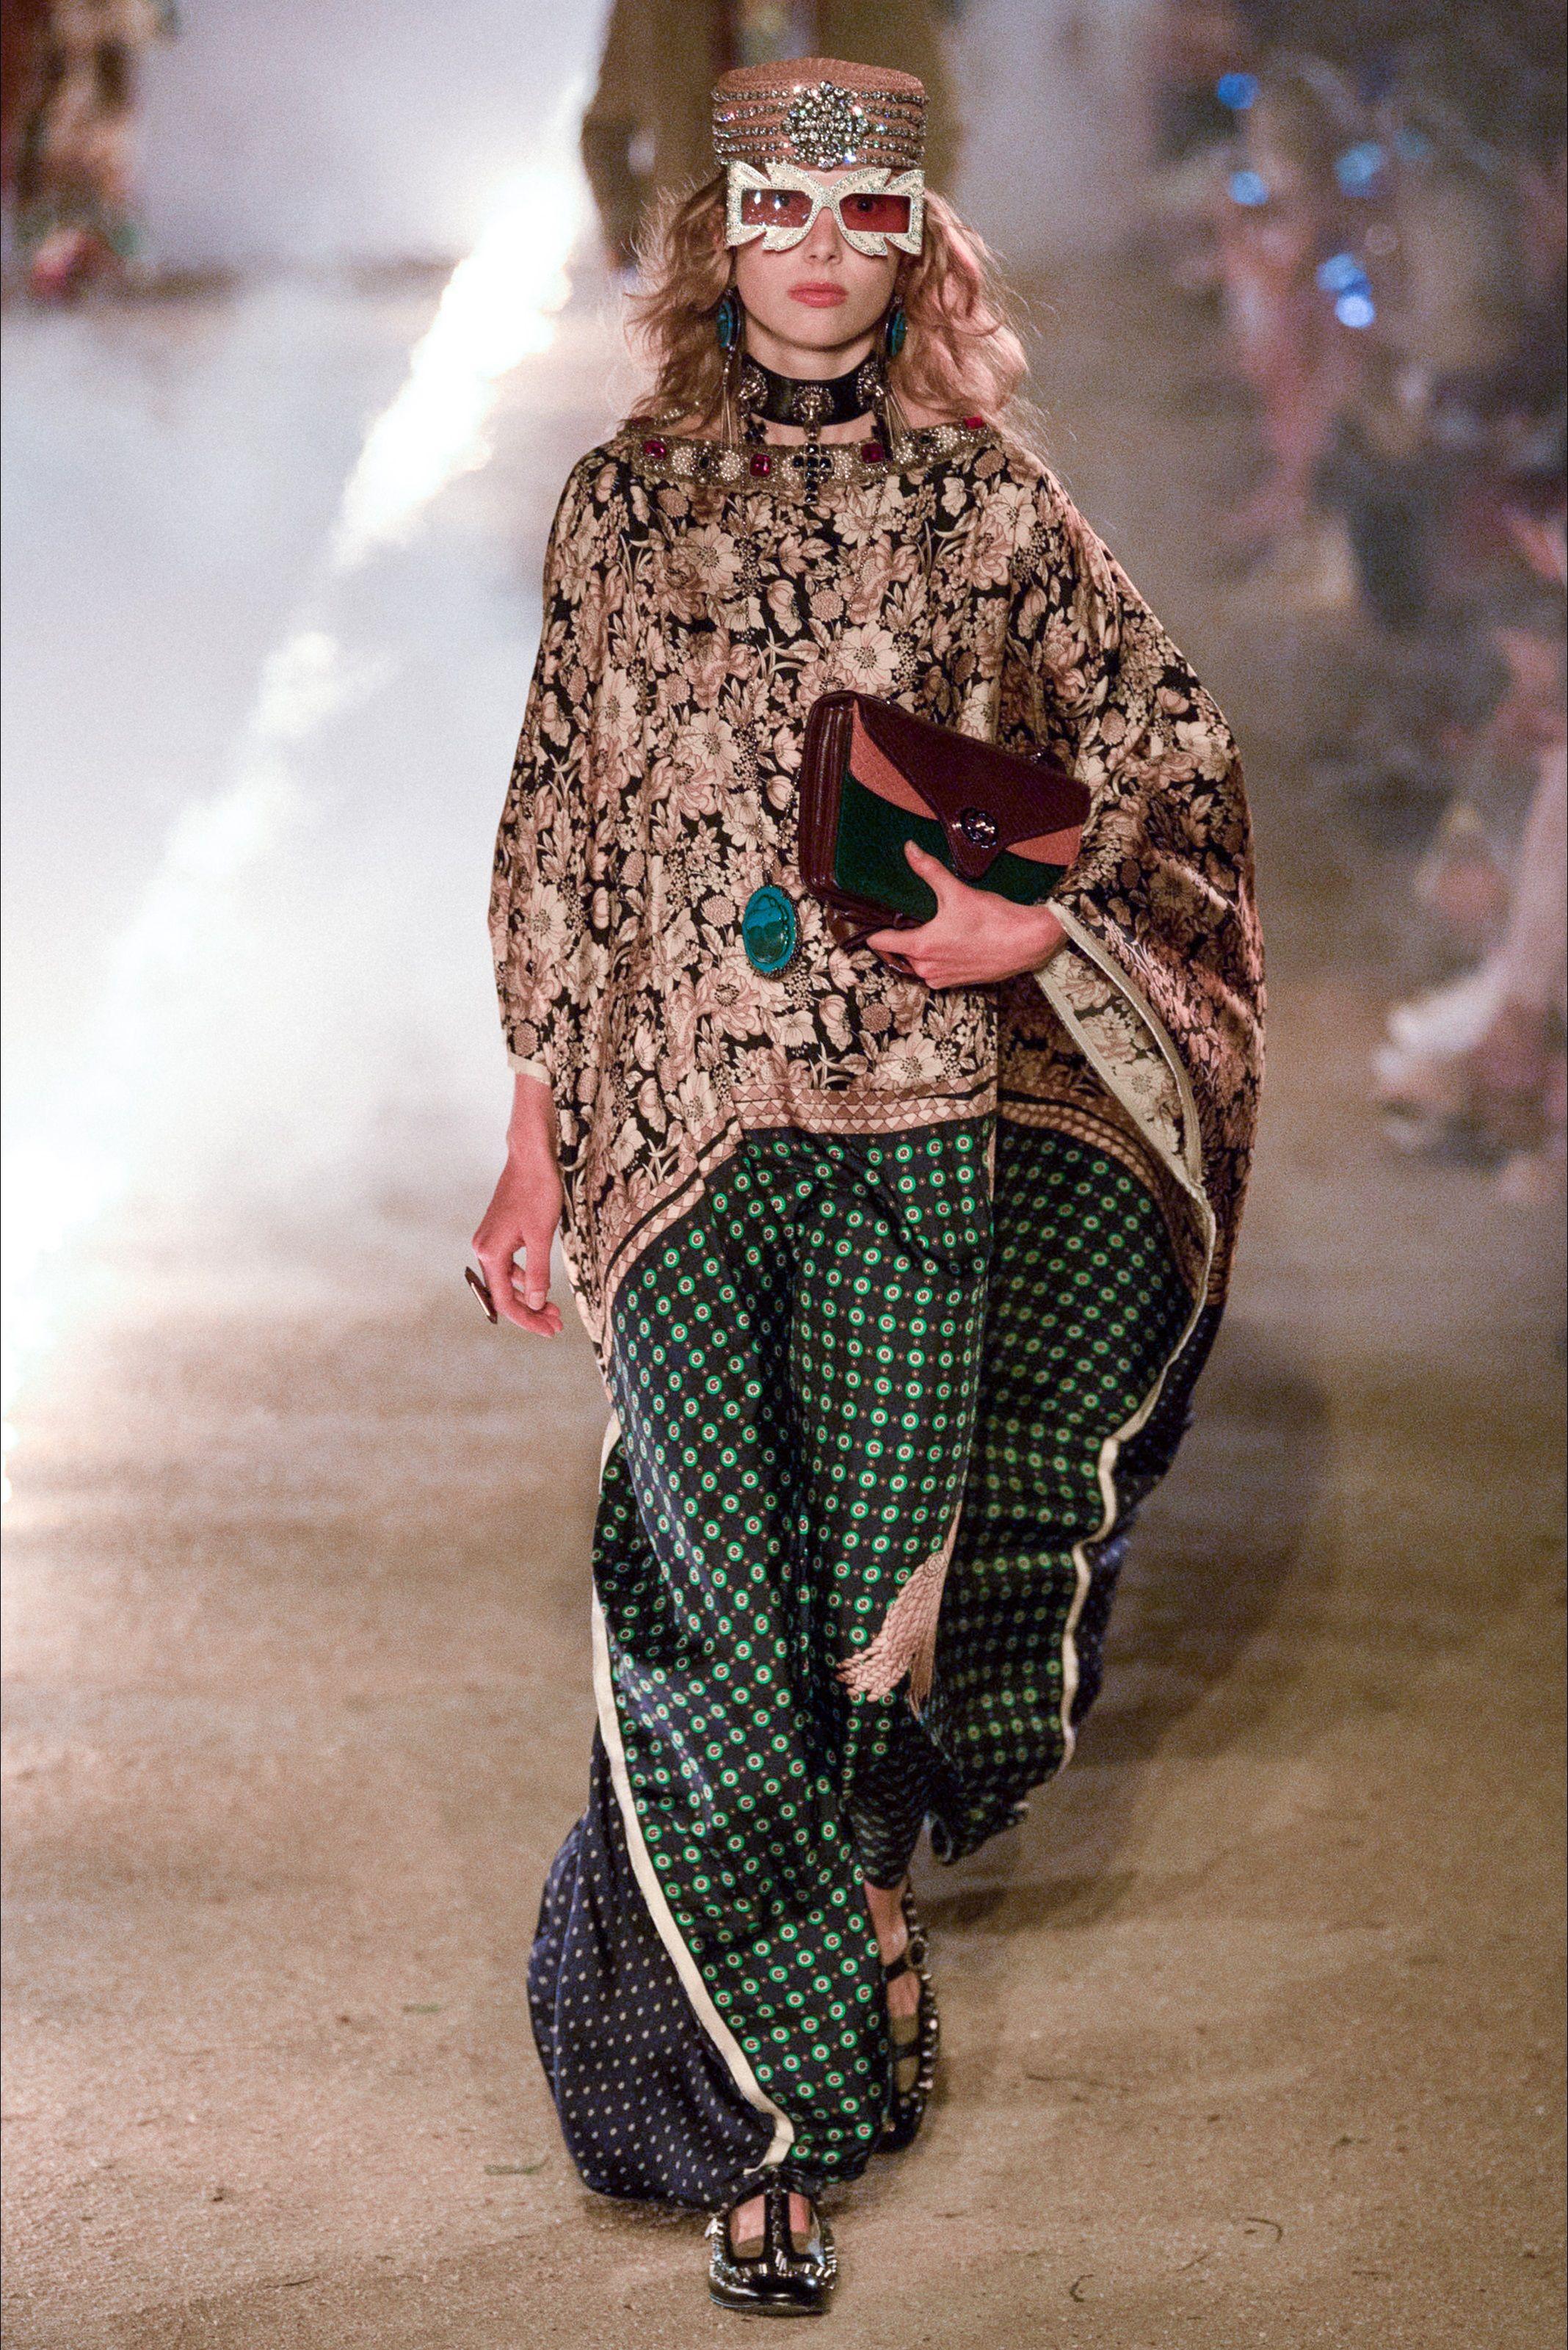 Sfilata Gucci Milano - Collezioni Autunno Inverno 2016-17 - Vogue Borse  Gucci d1cc624cb8b